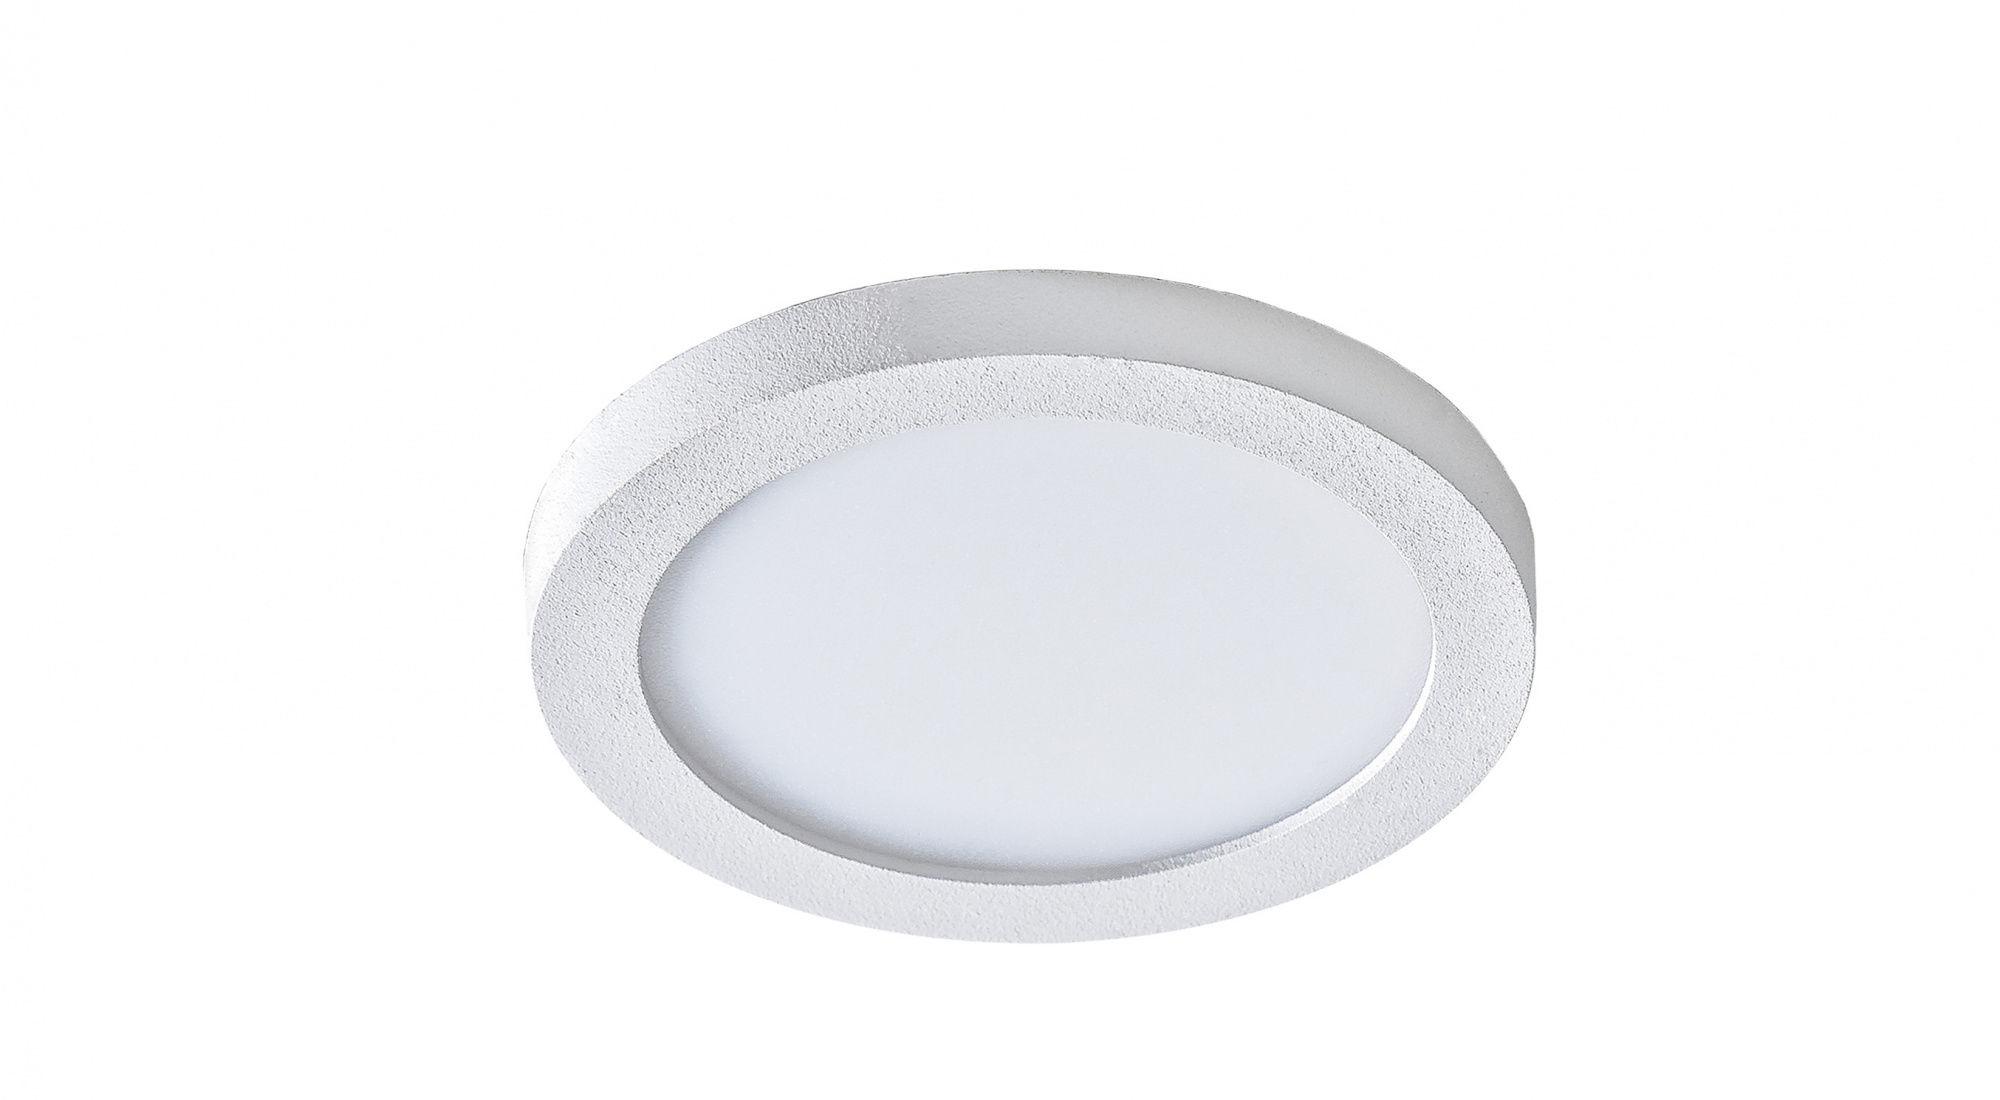 Plafon Slim round 9 AZzardo biała oprawa w nowoczesnym stylu